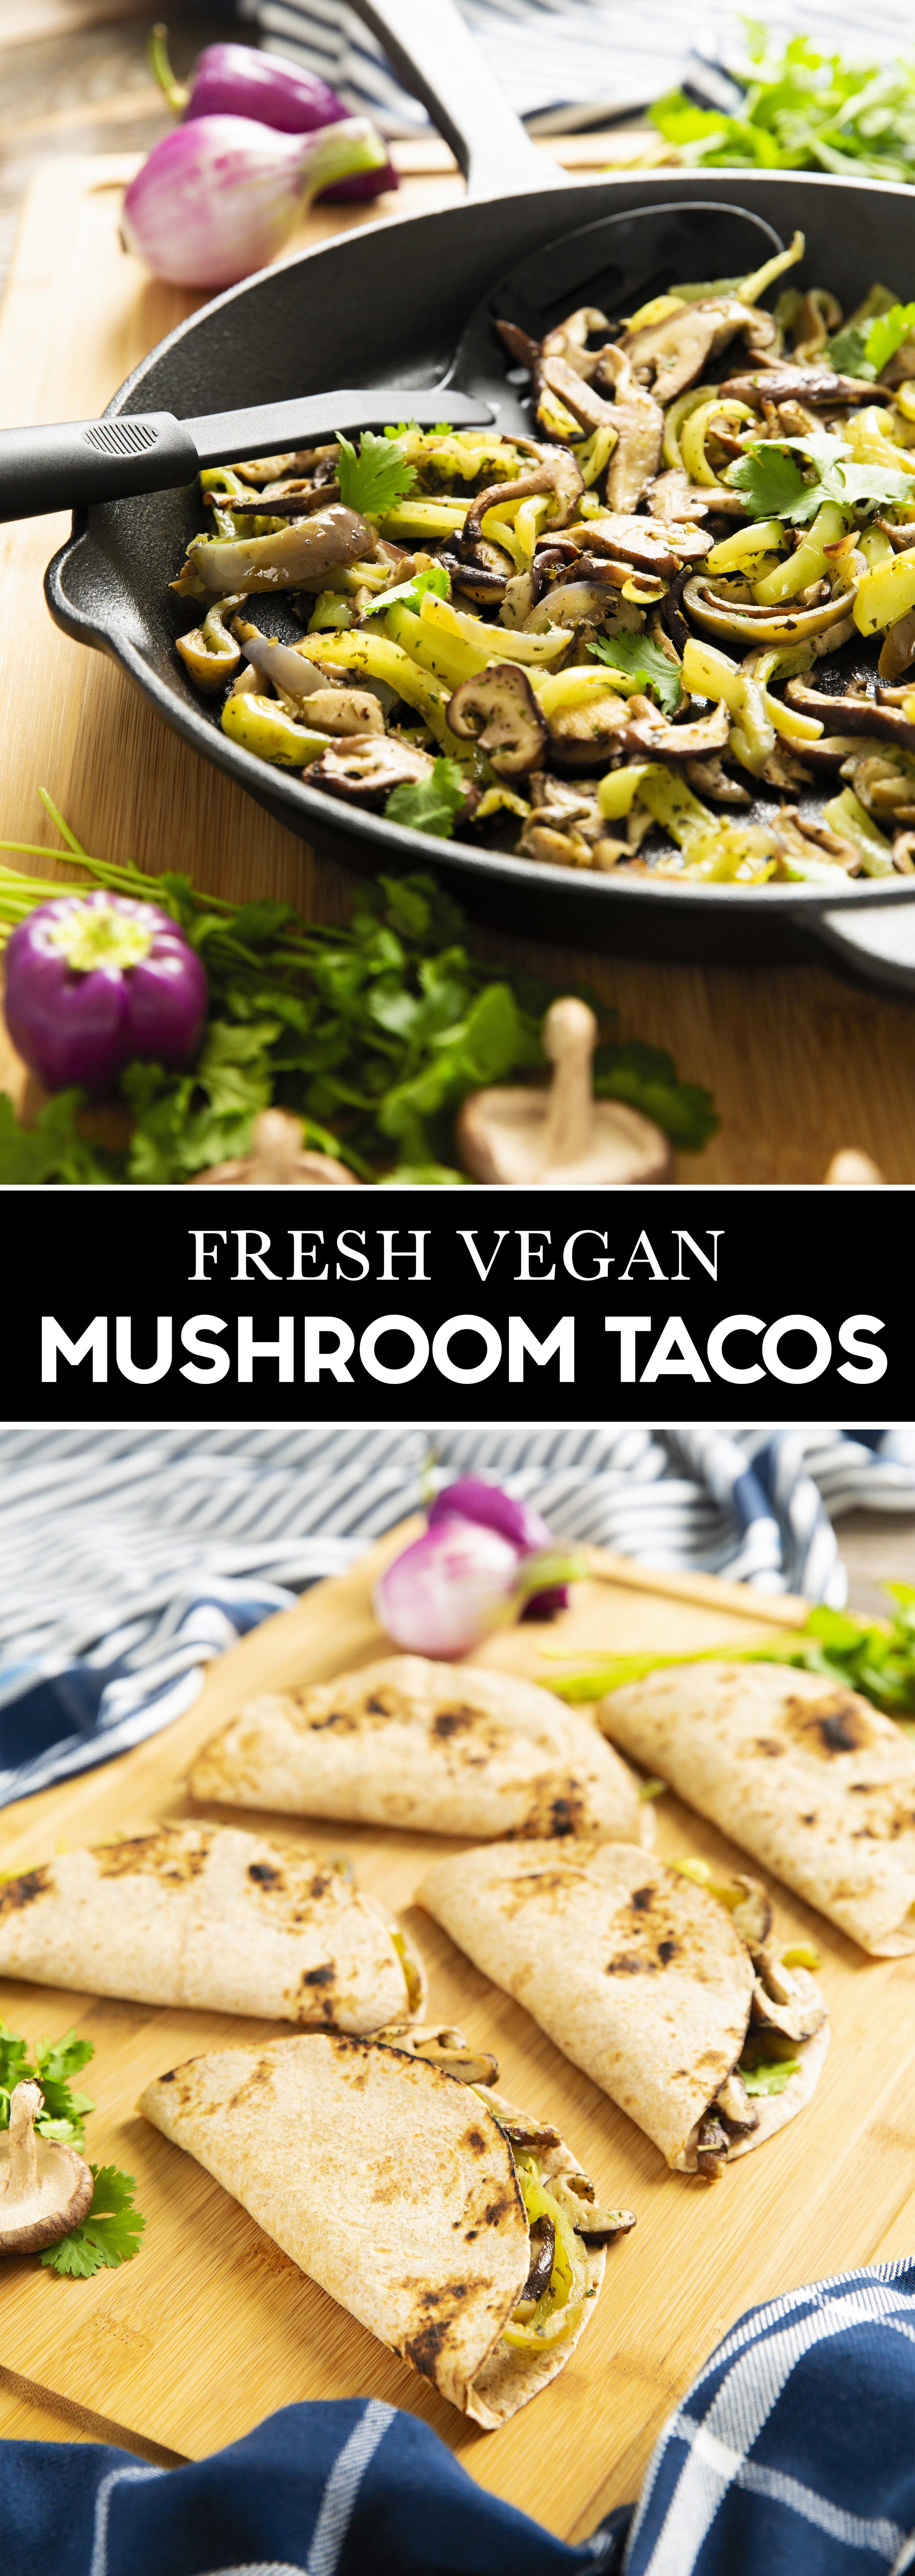 Fresh Vegan Mushroom Tacos